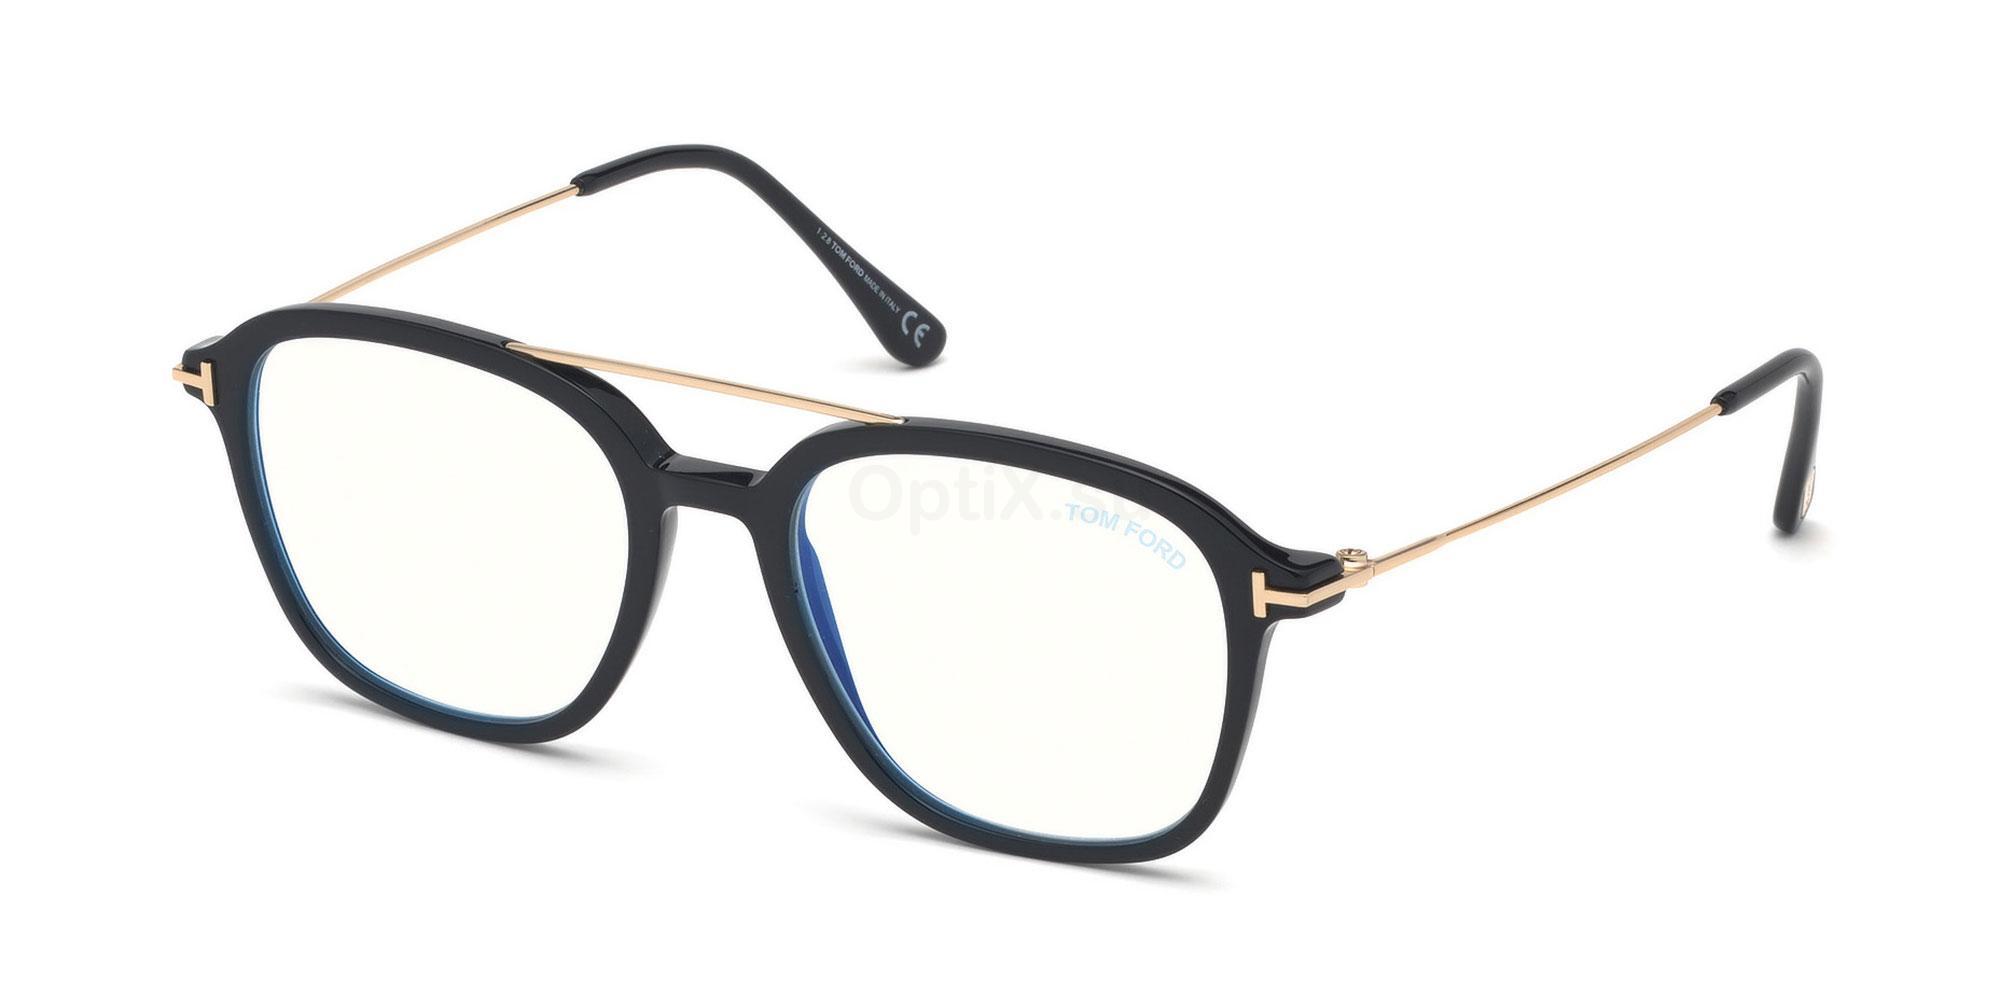 001 FT5610-B Glasses, Tom Ford